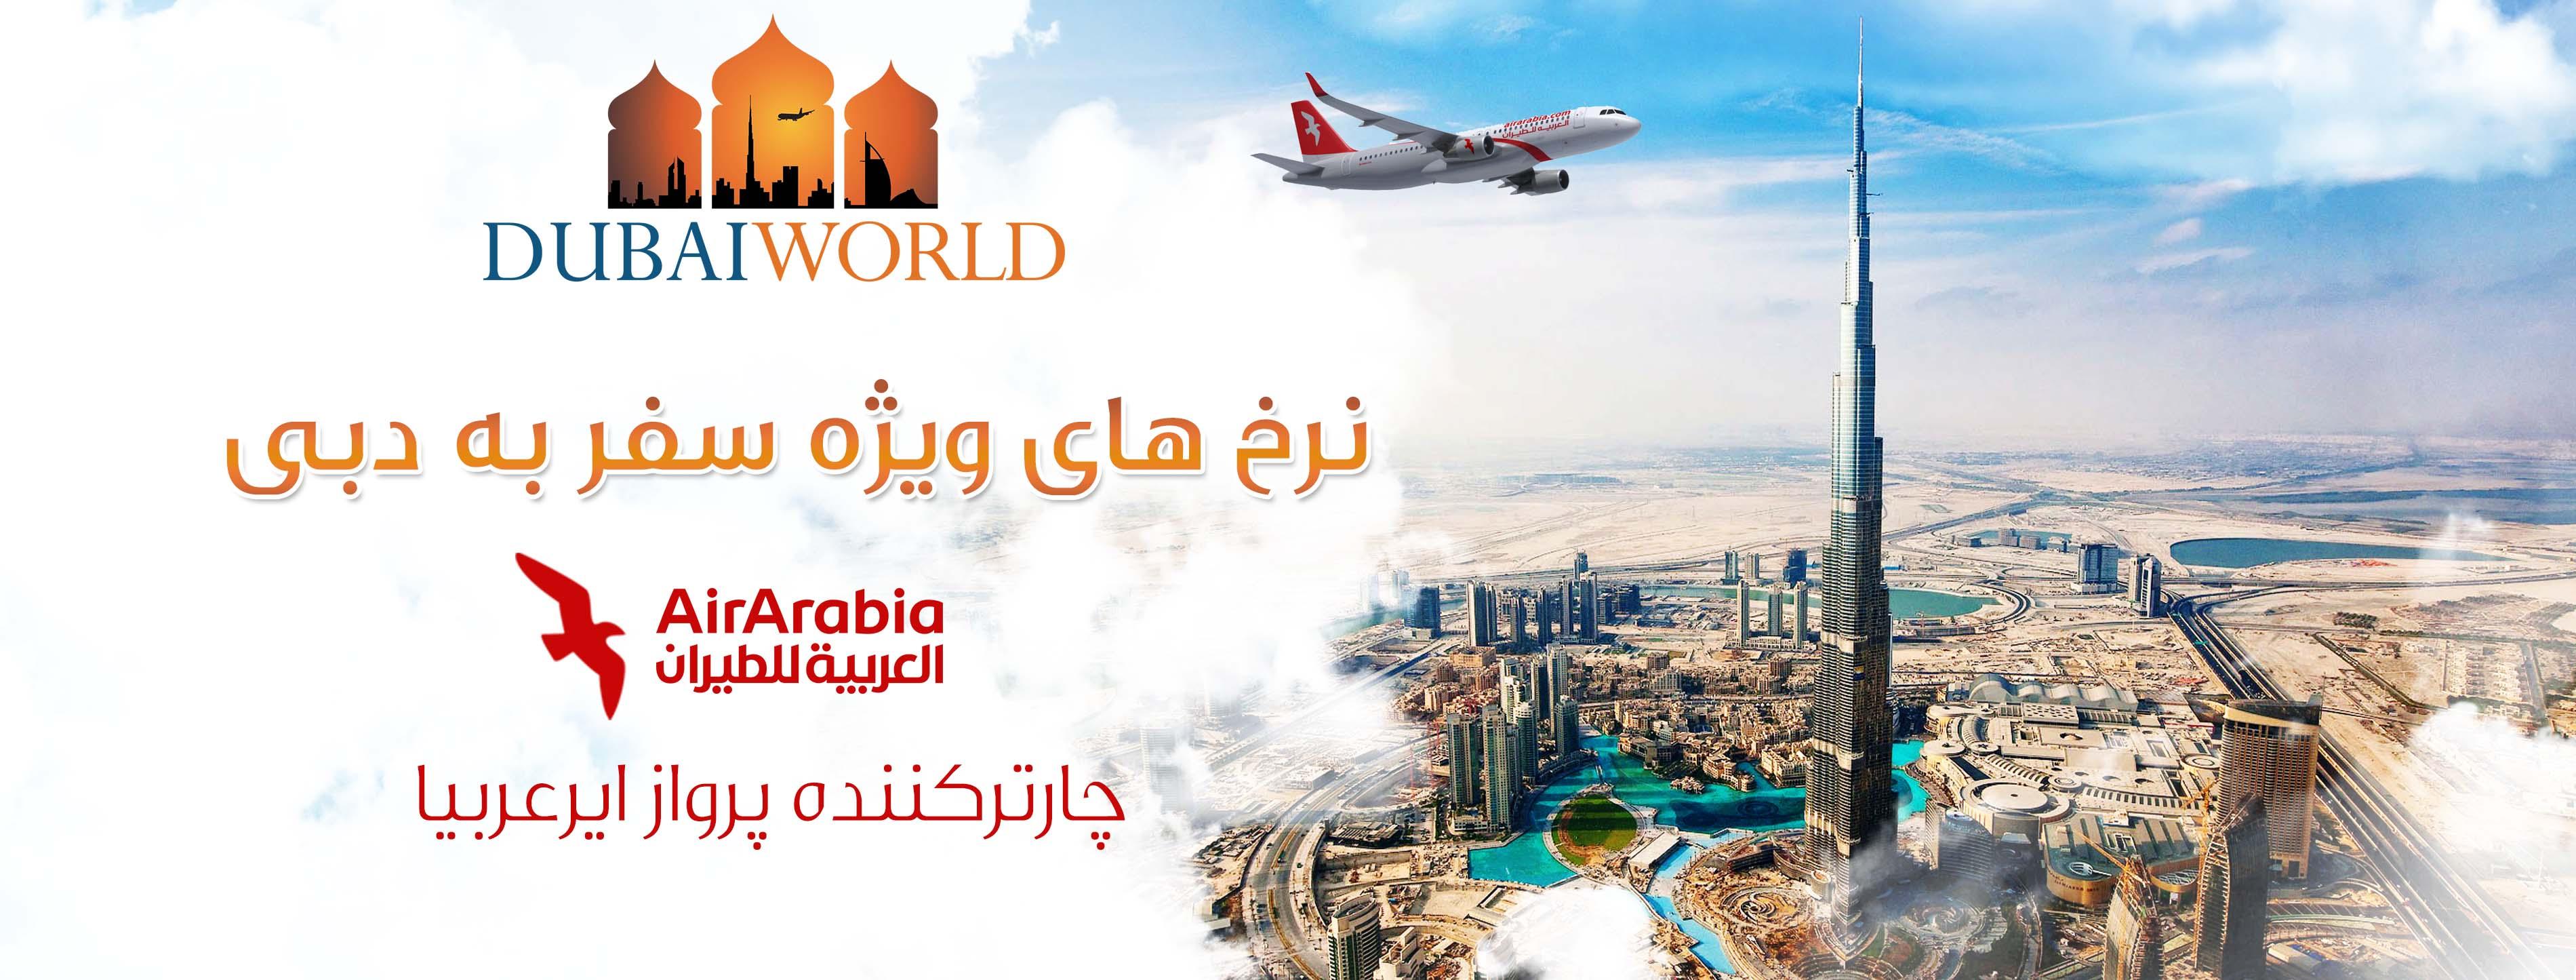 نرخ های ویژه سفر به دبی ایرعربیا